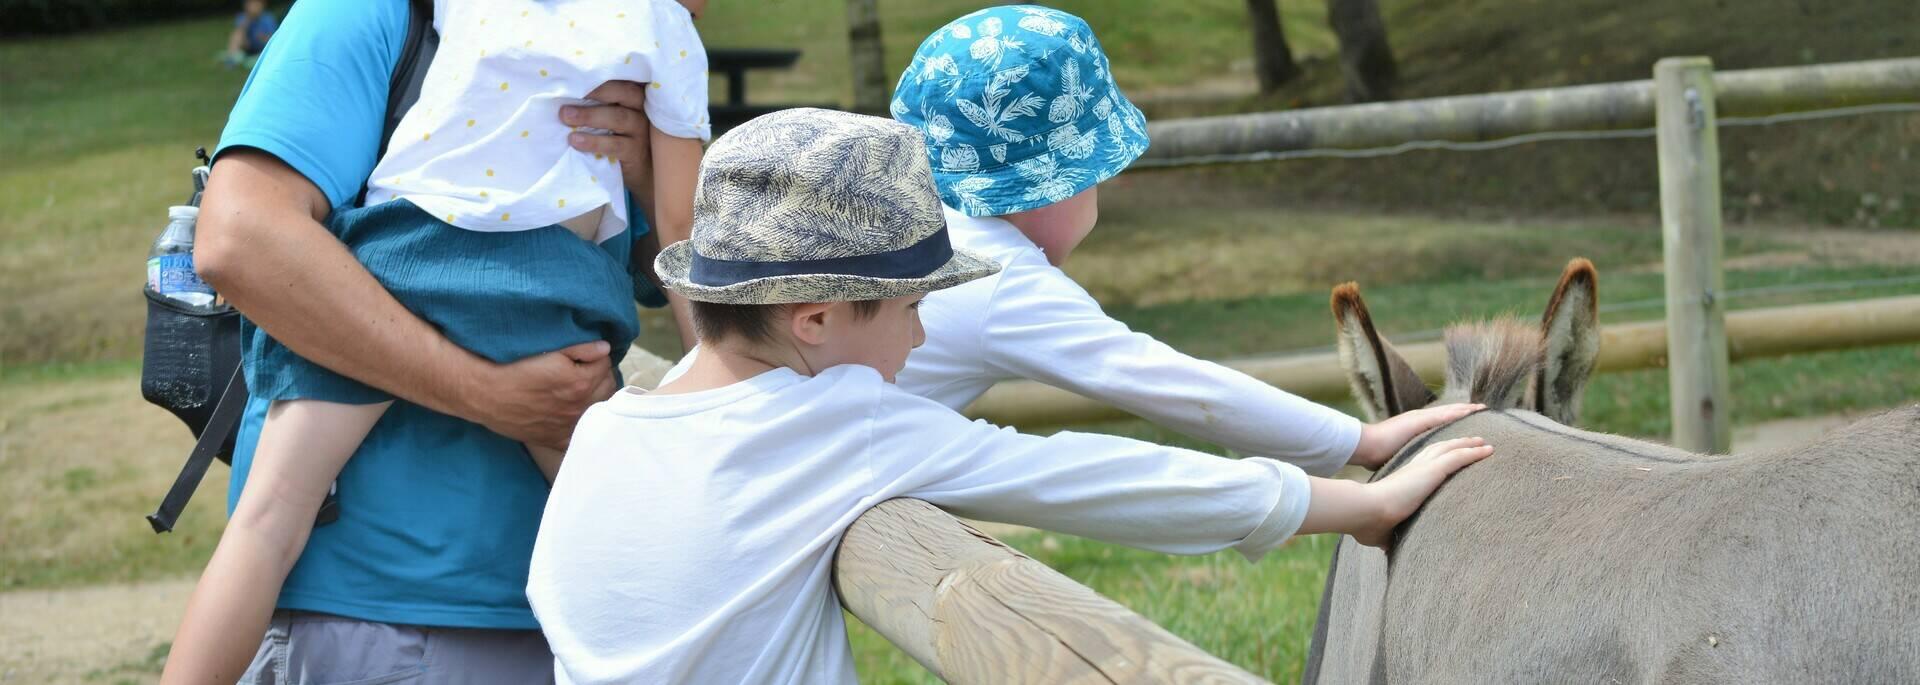 Crédit photo : Stéphanie Dabernat-expérience-armoripark- parc-de-loisirs-begard